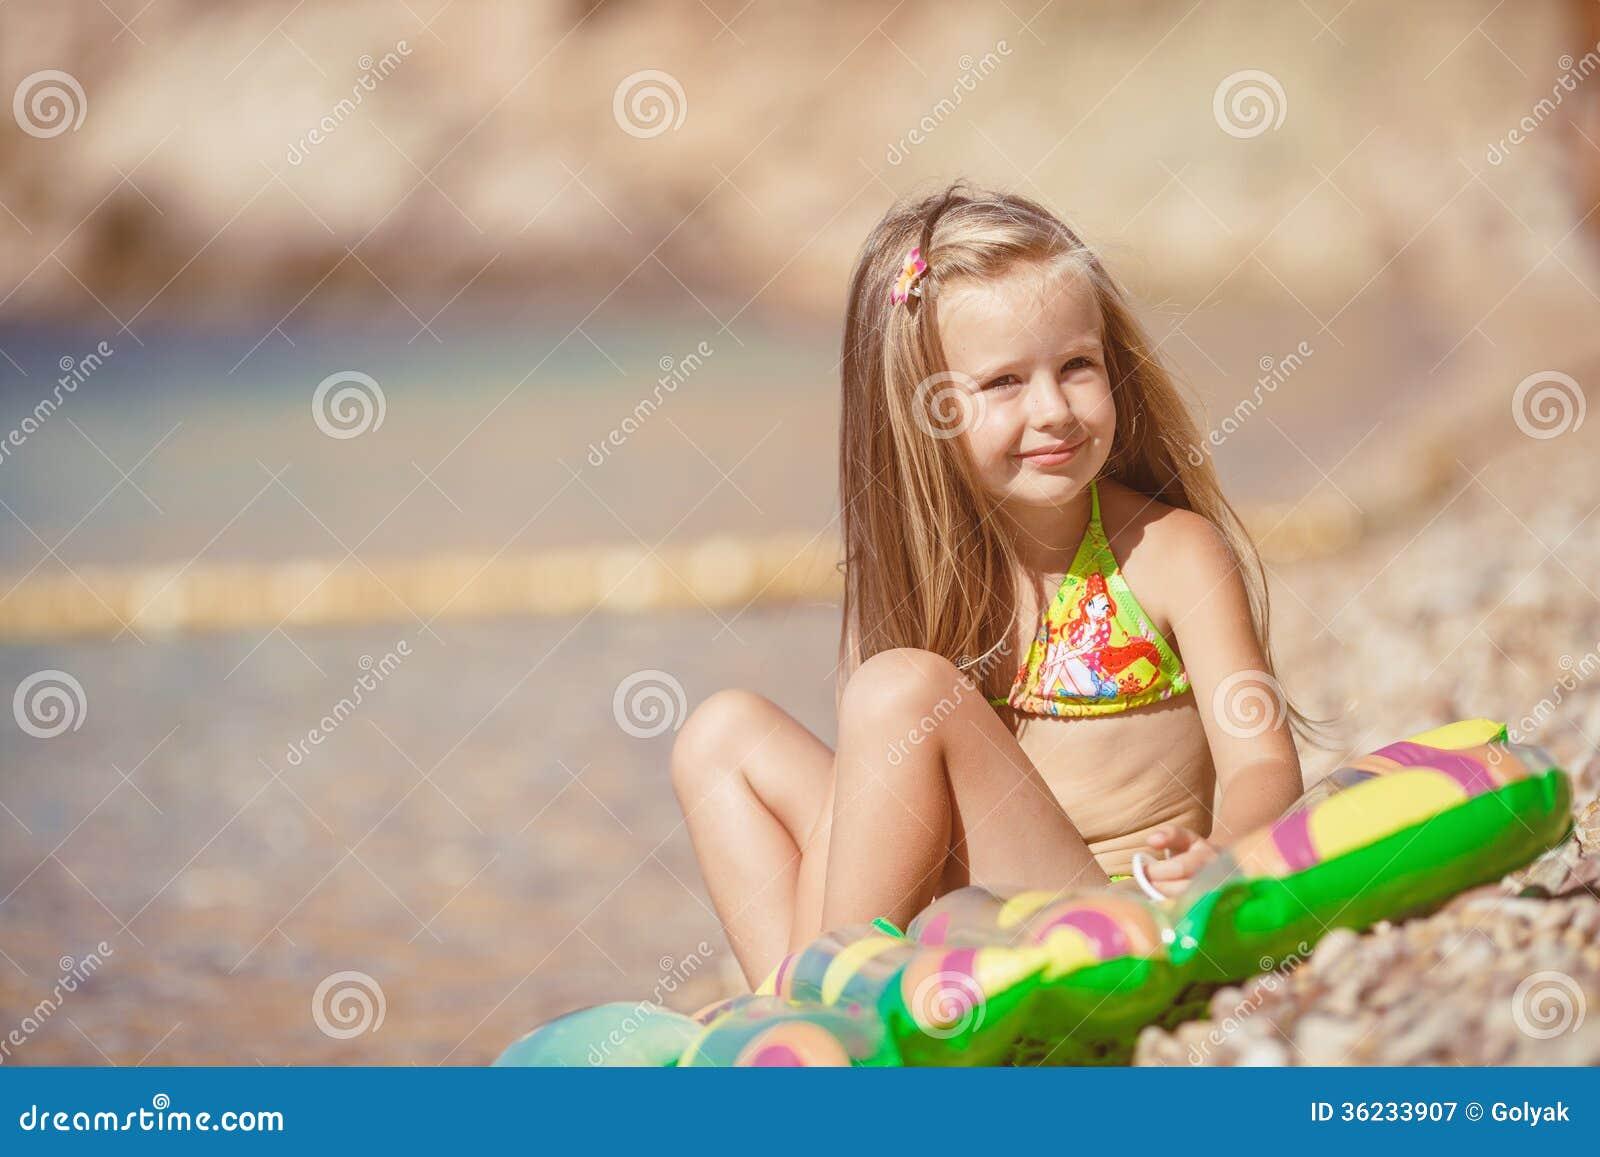 Фото маленькi пiськи, Фото молоденькой писи крупно Голые красотки 20 фотография